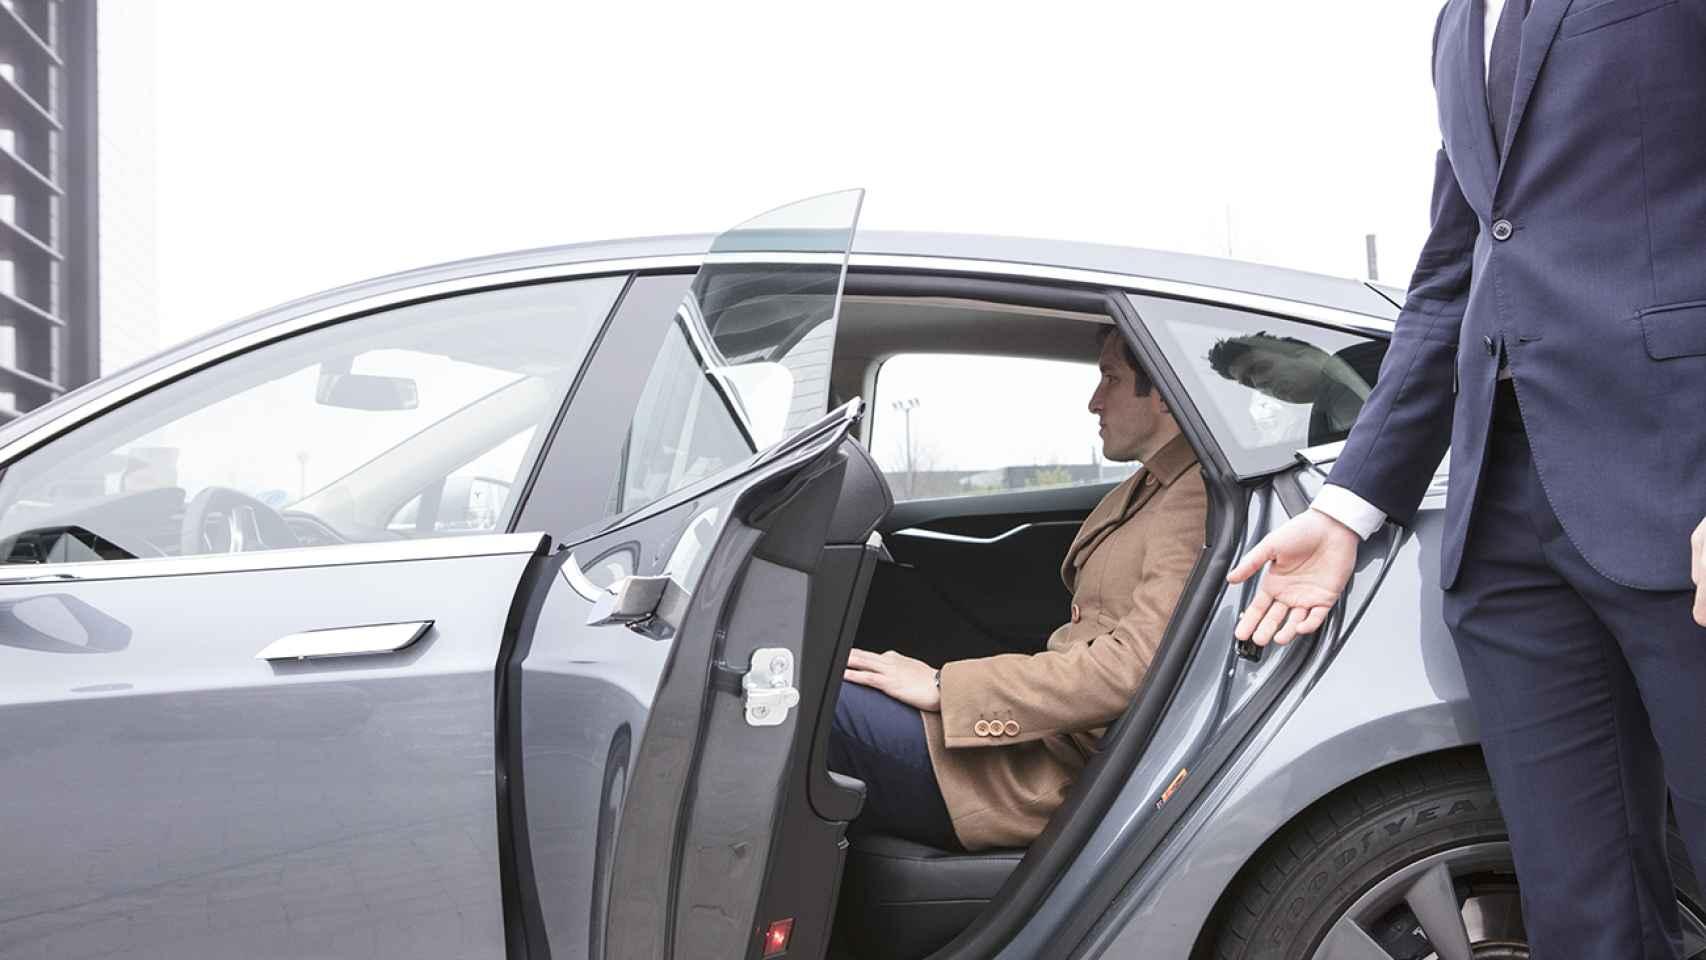 Pone en marcha un servicio de coches eléctricos.